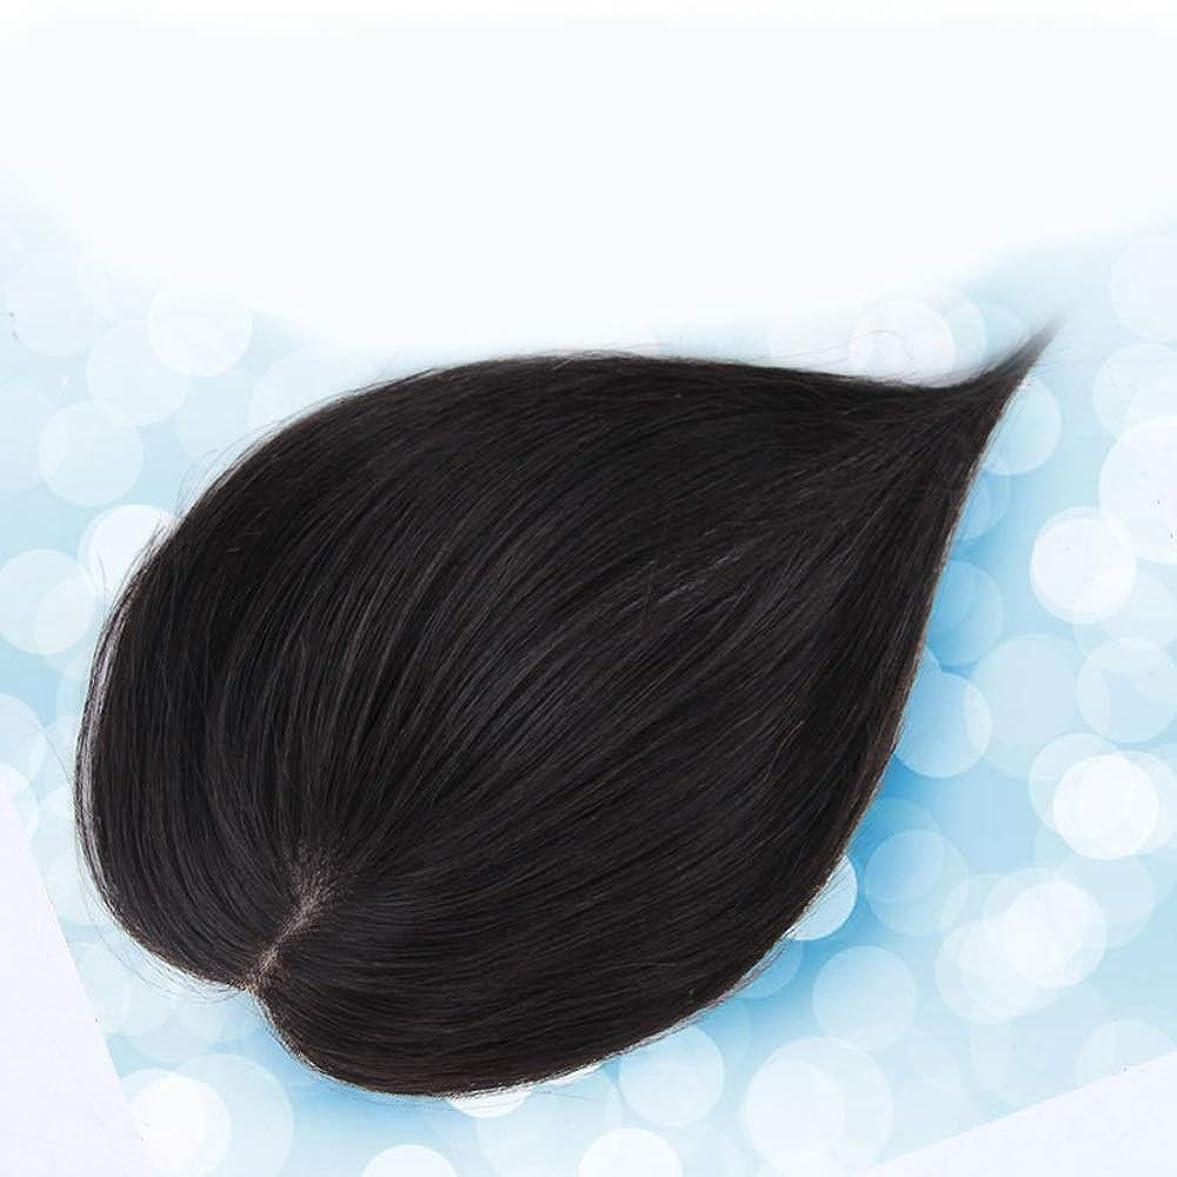 しないシェード同盟HOHYLLYA ヘアエクステンションダークブラウンストレート人毛ウィッグパーティーウィッグで女性のリアルヘアクリップ (色 : [9x14] 30cm natural black)